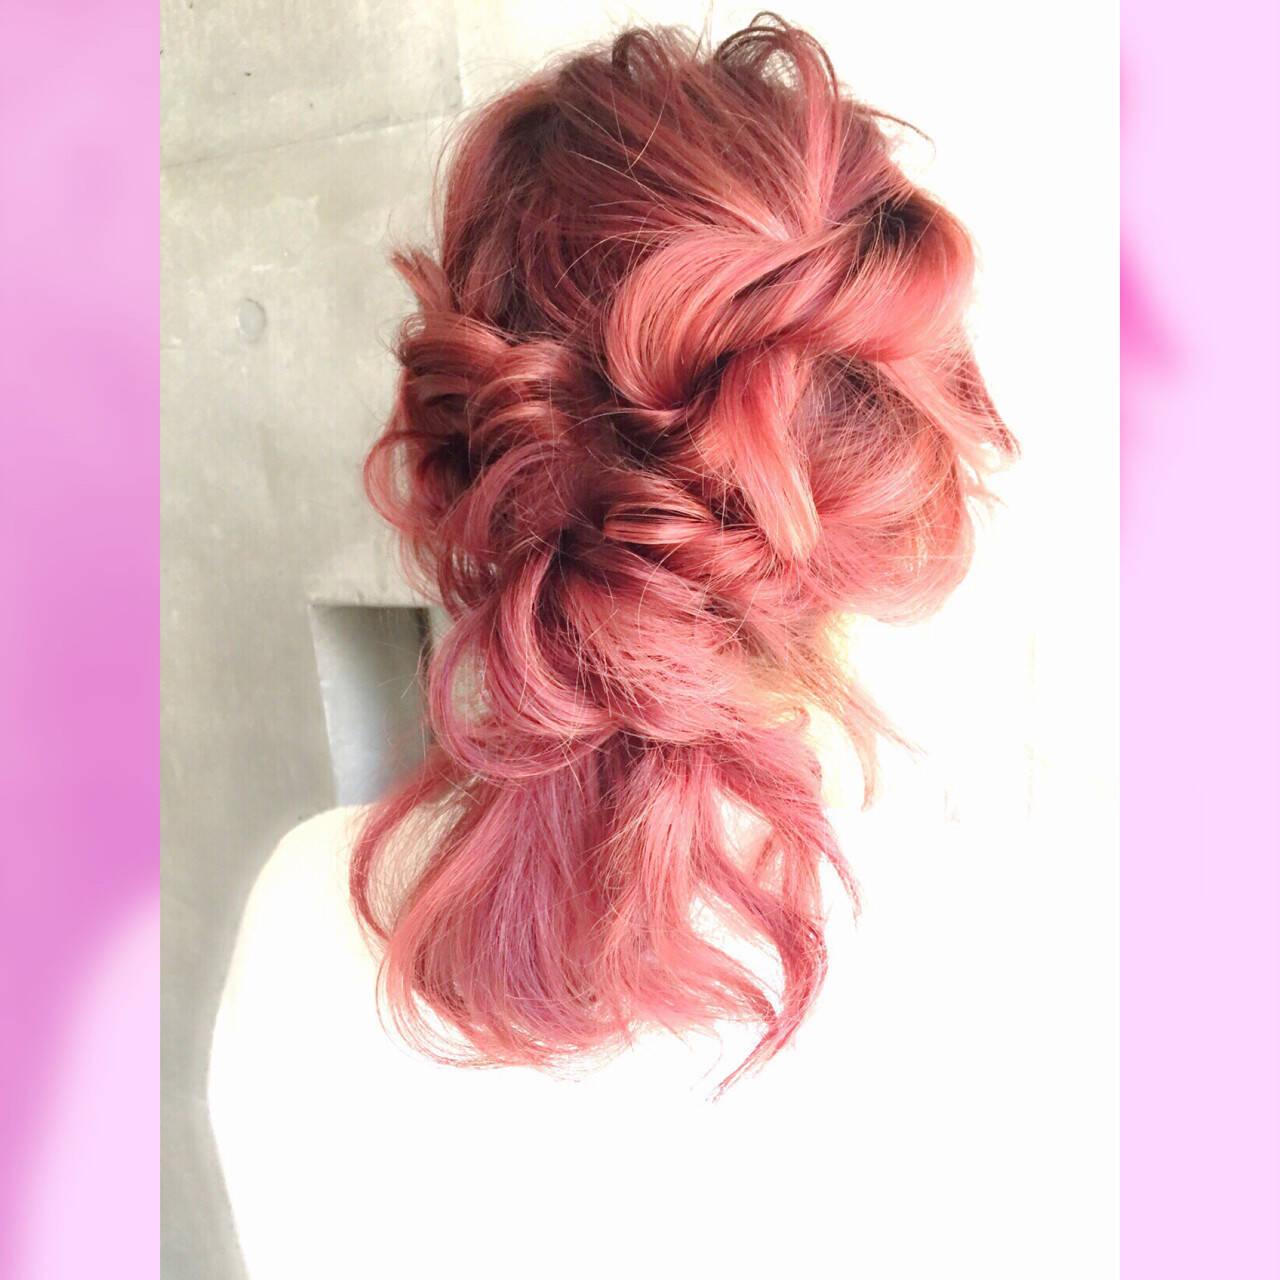 フェミニン 大人かわいい ヘアアレンジ ミディアムヘアスタイルや髪型の写真・画像